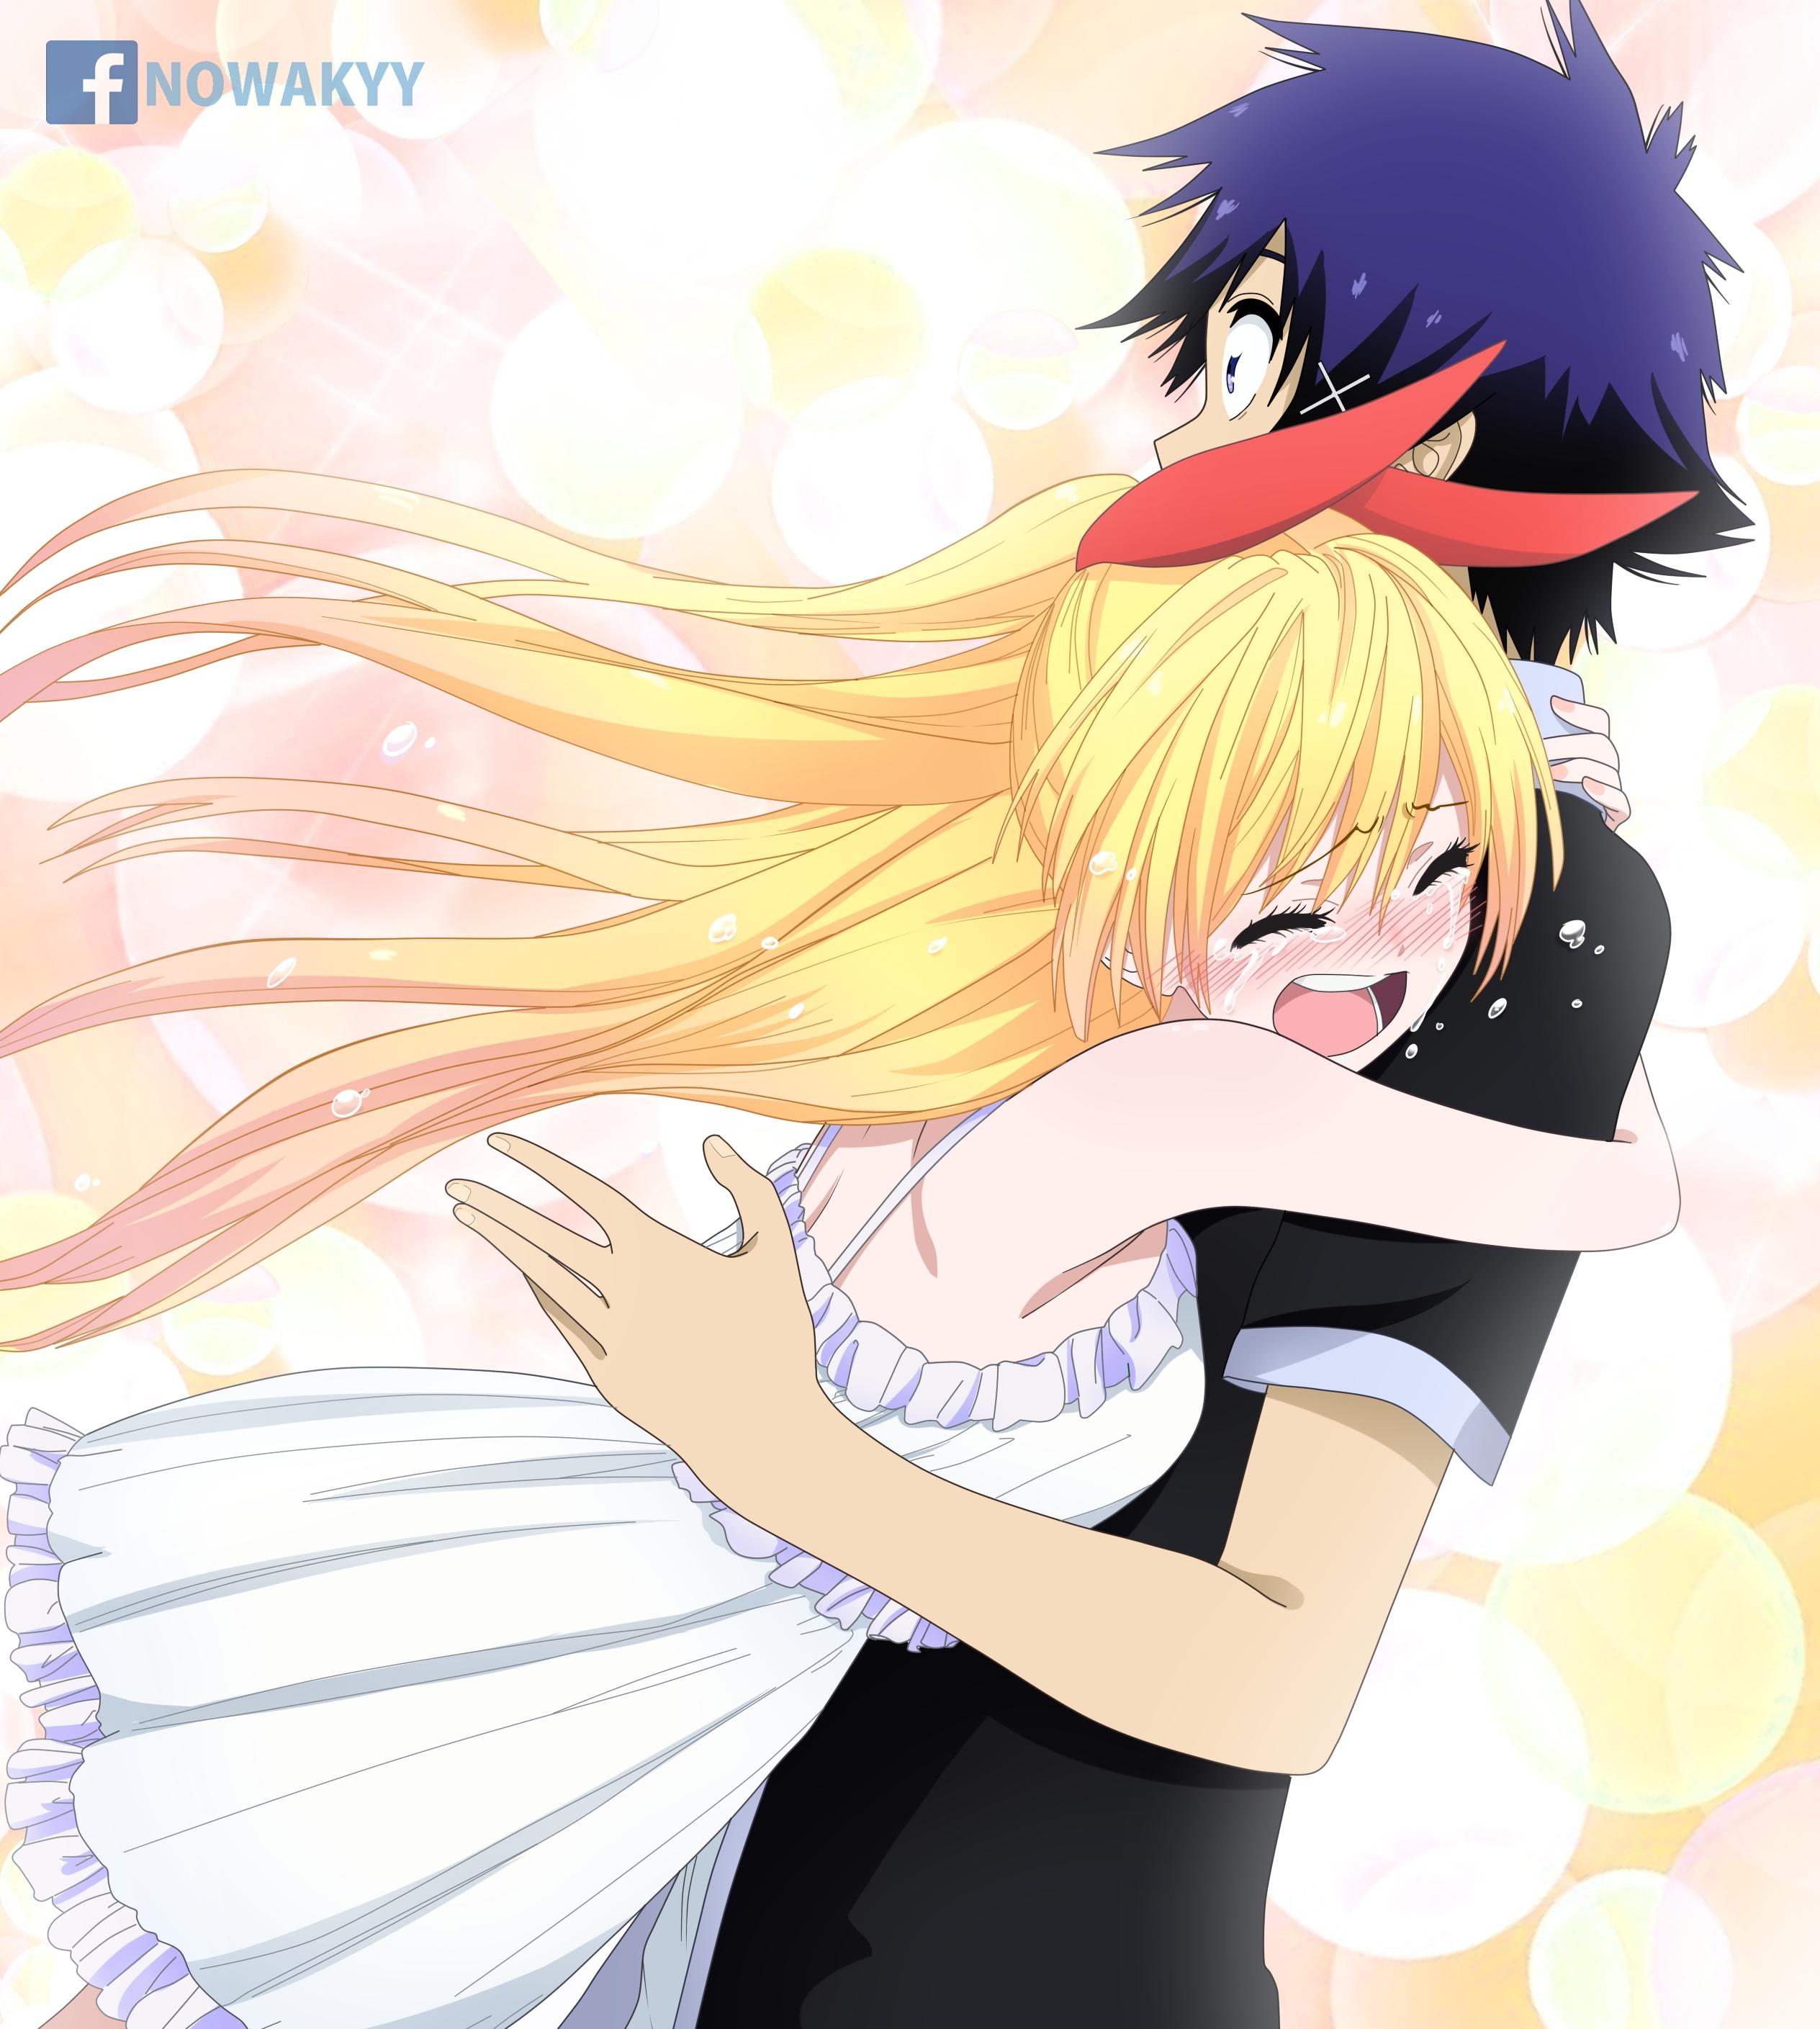 Nisekoi Image #2028911 - Zerochan Anime Image Board